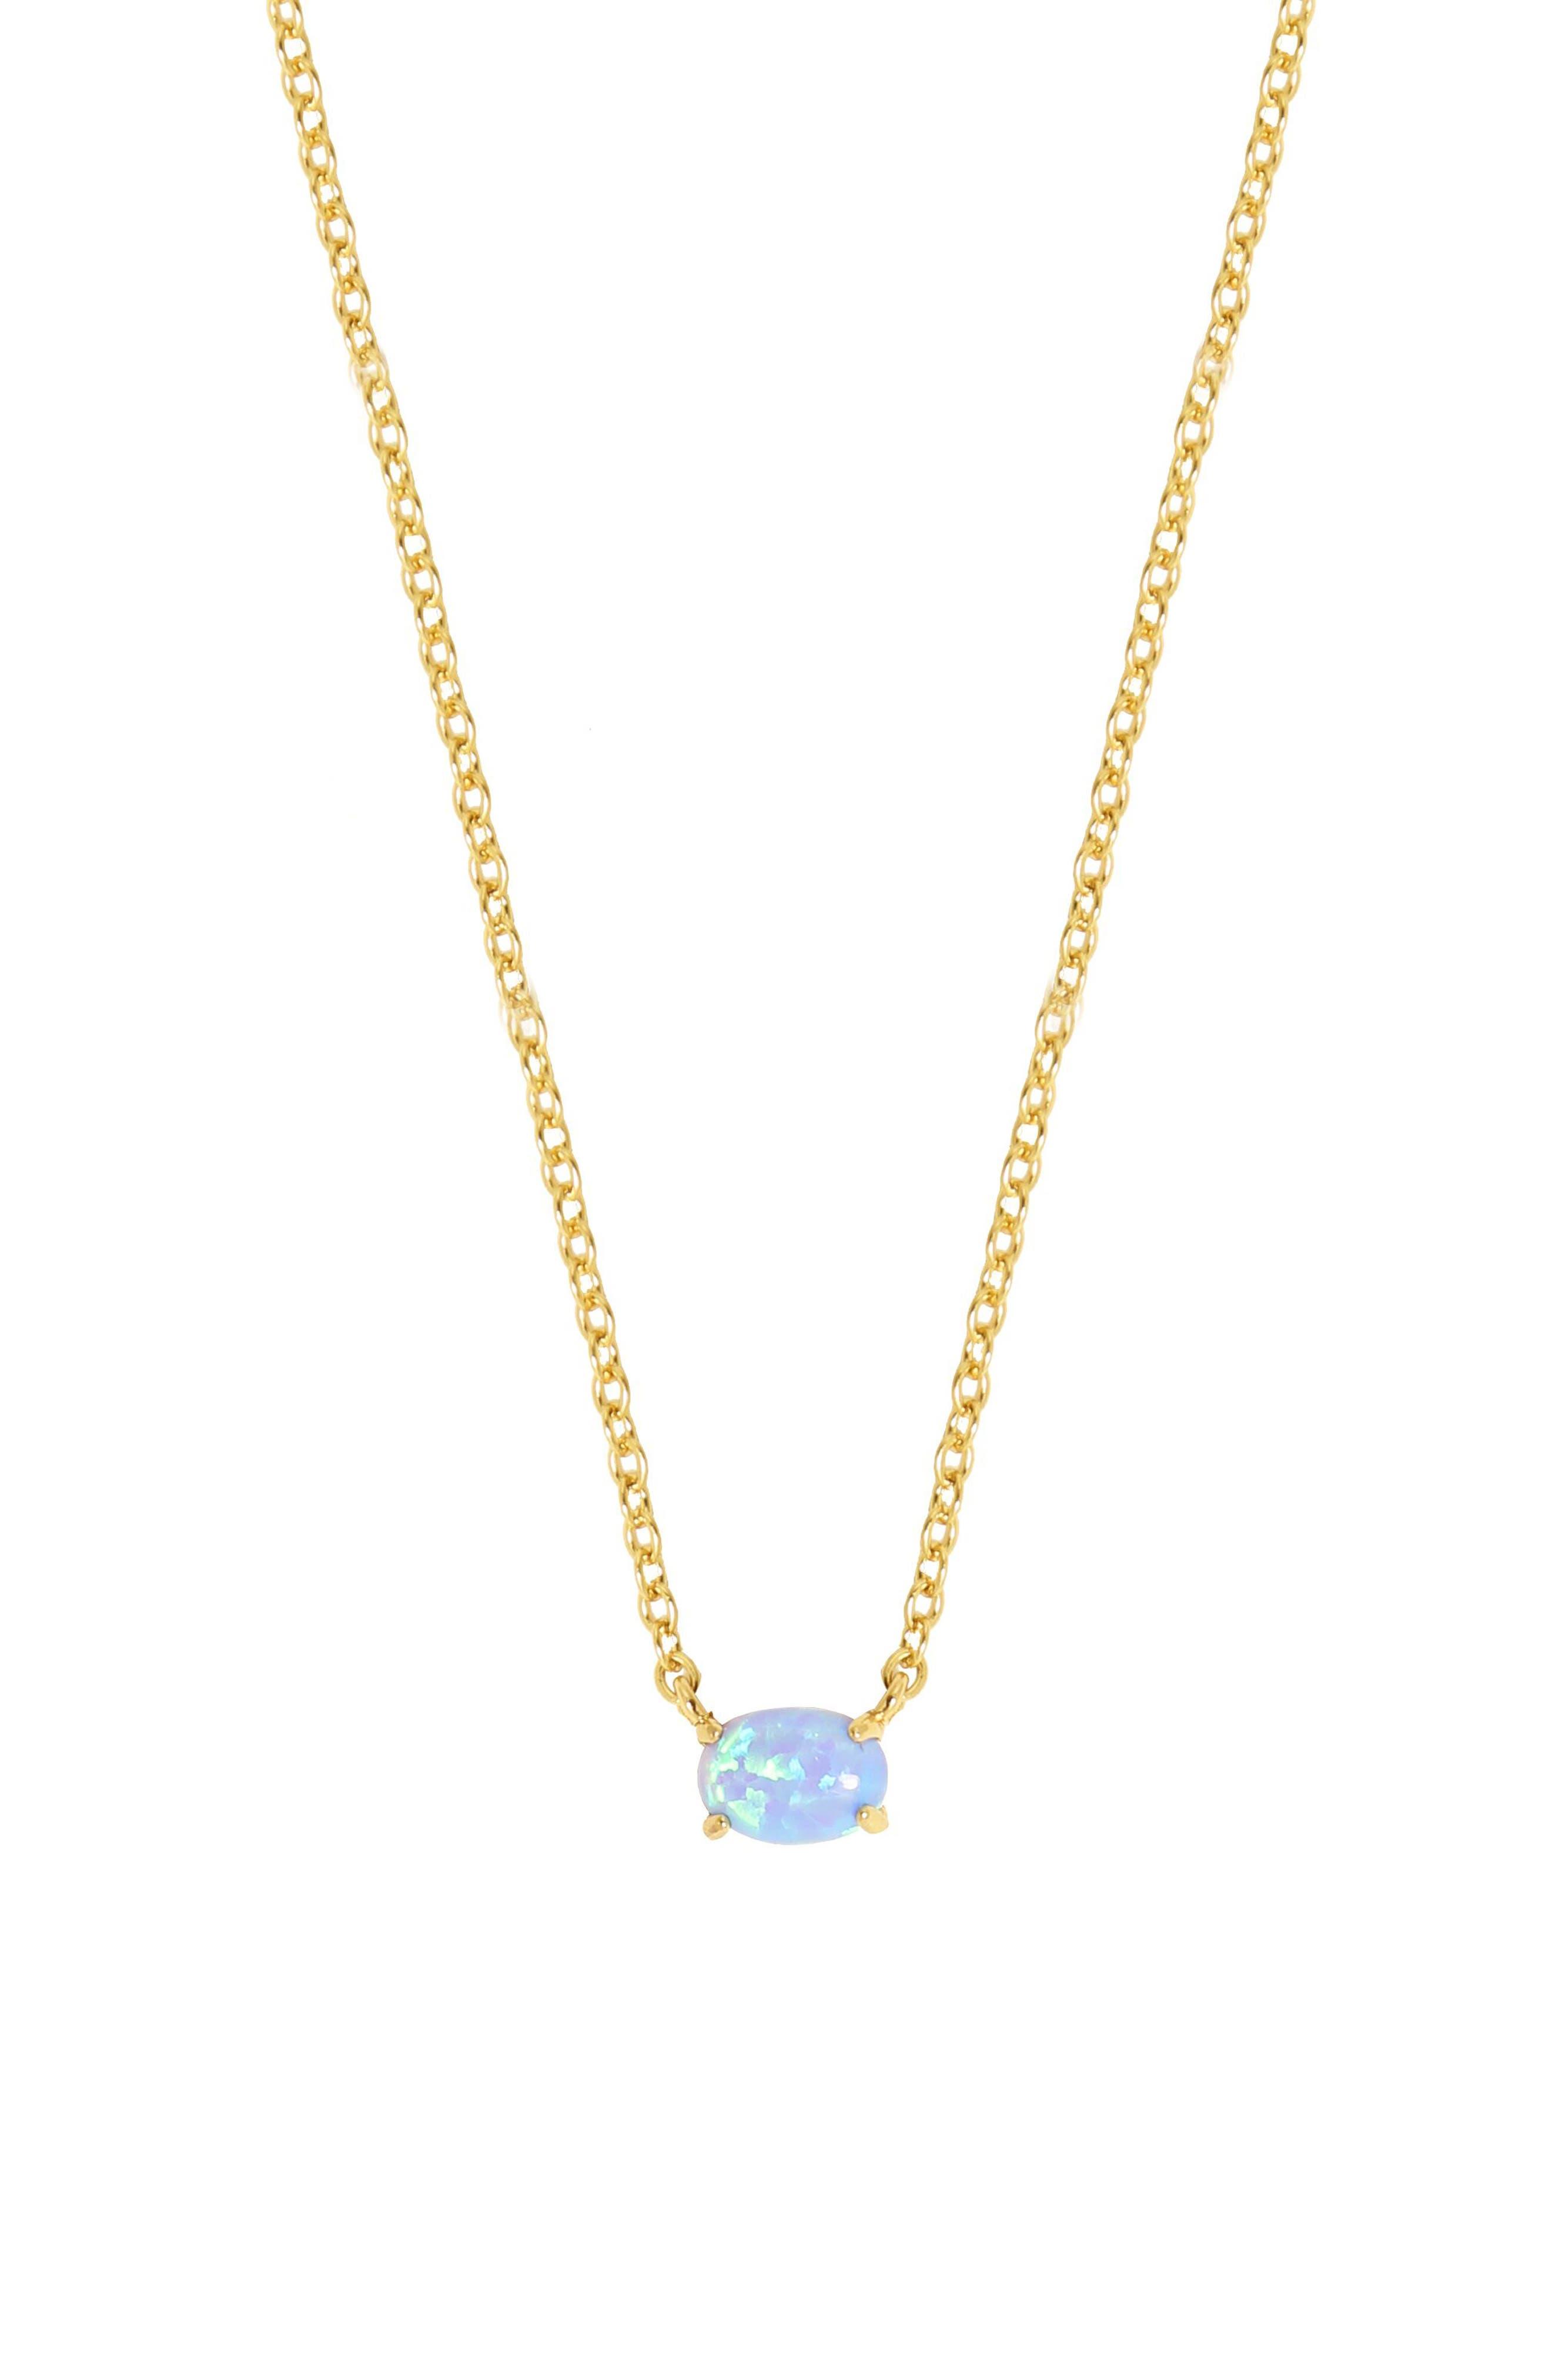 Blue Opal Pendant Necklace